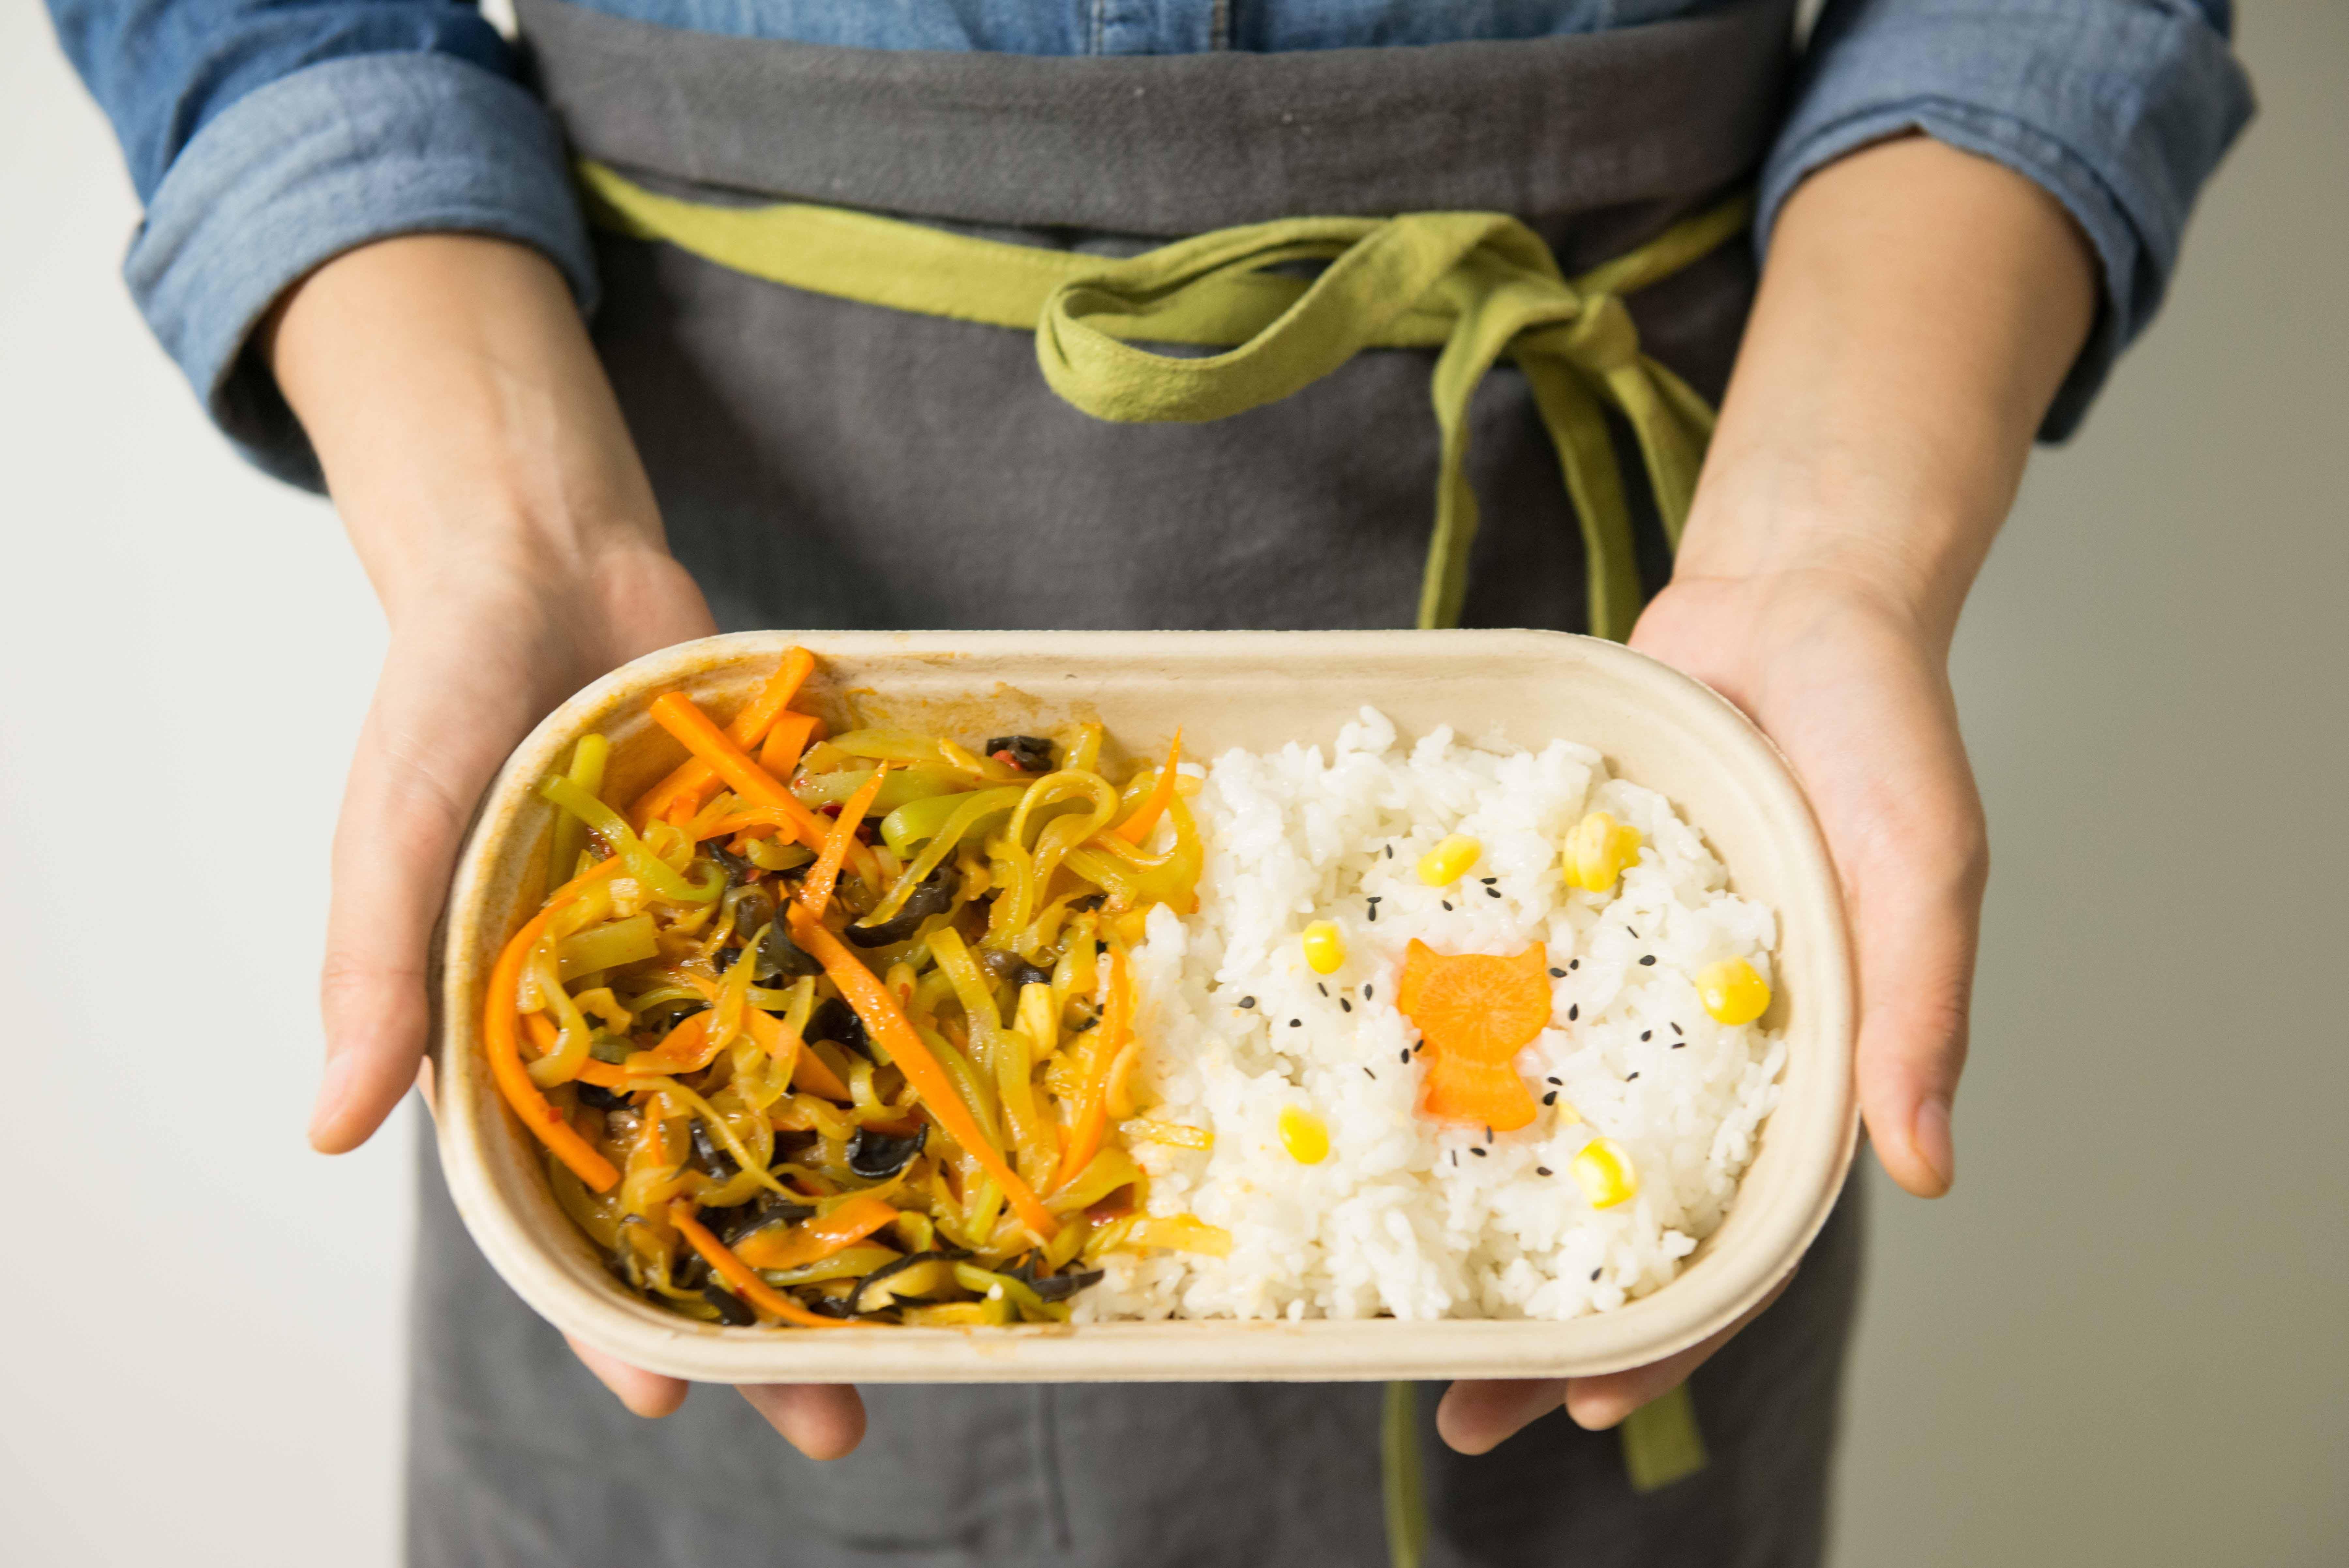 Kostenloses Stock Foto zu mittagessen, köstlich, reis, grüner salat